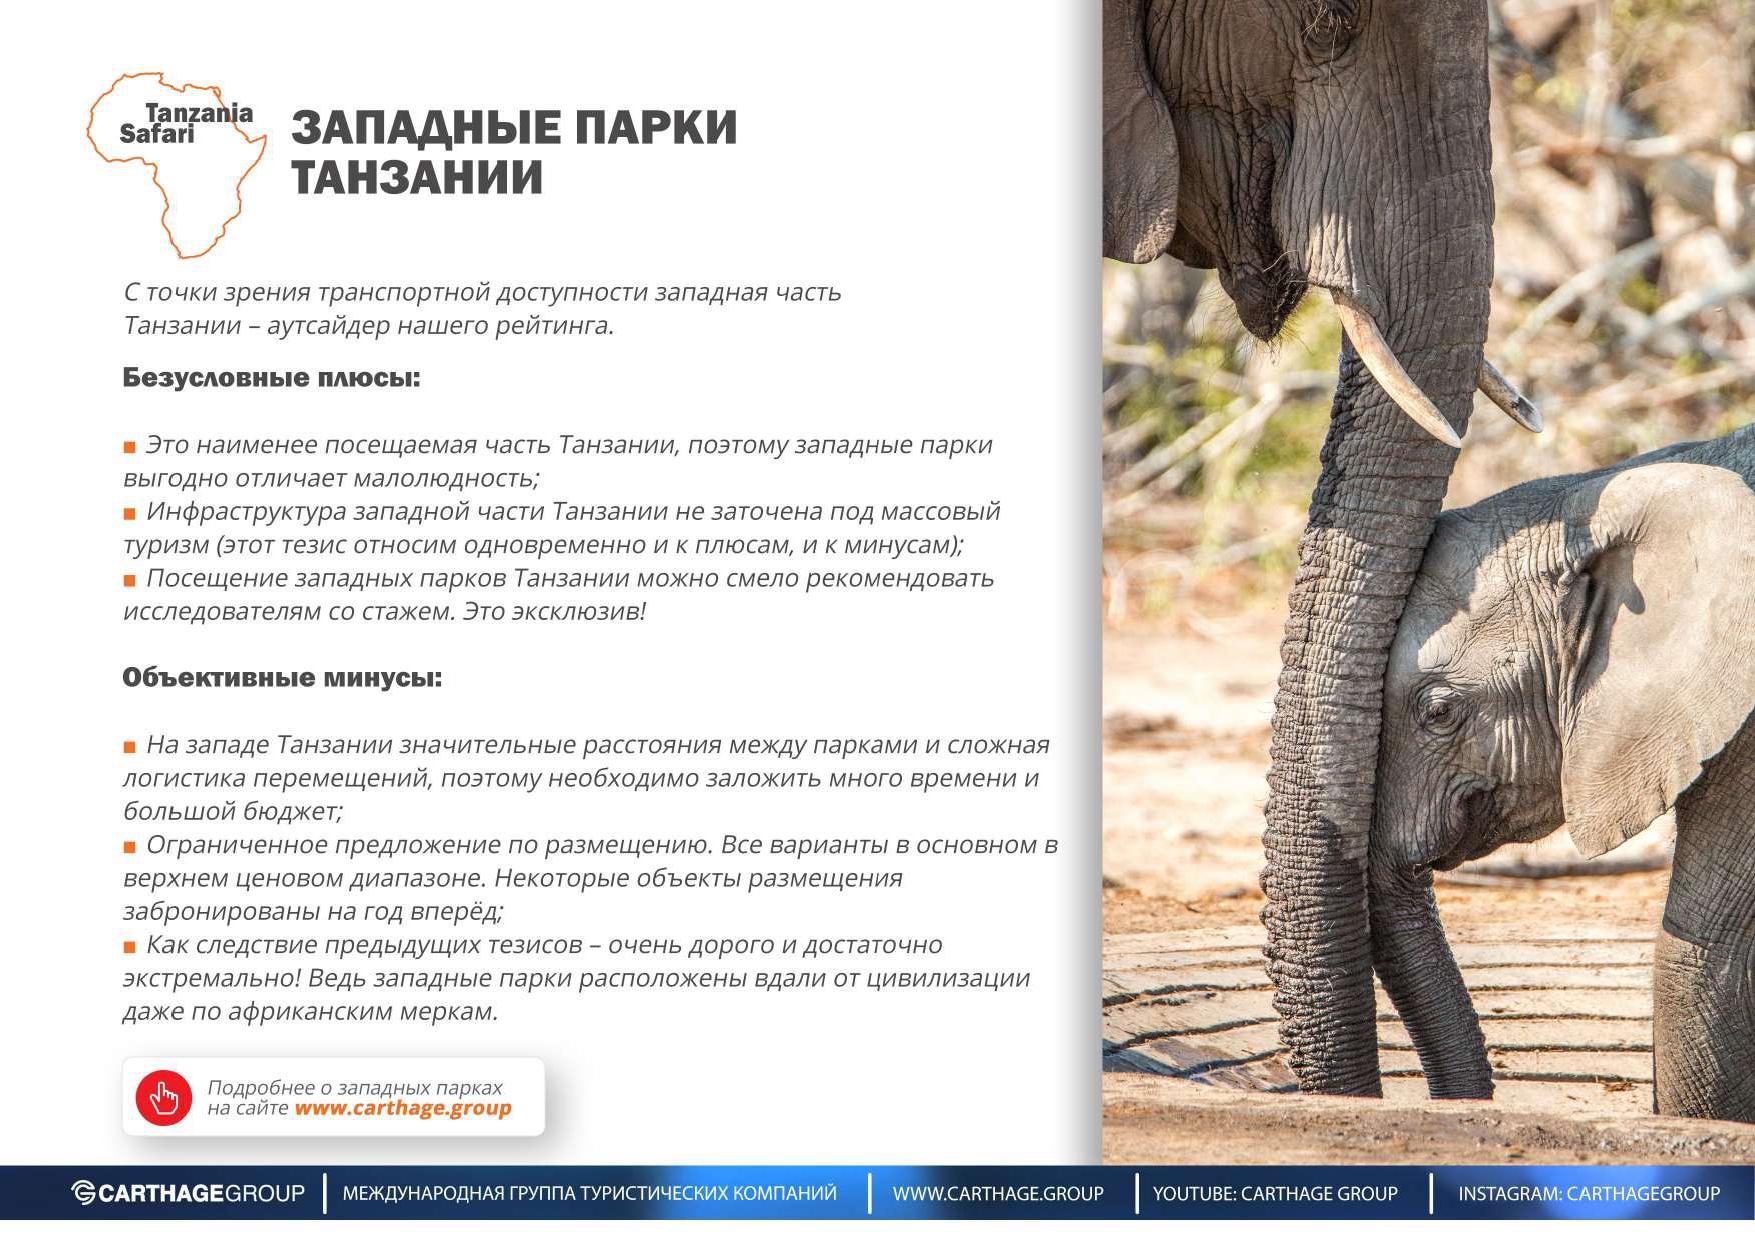 Танзания_2020_-_1_декабря - с ссылками_page-0013